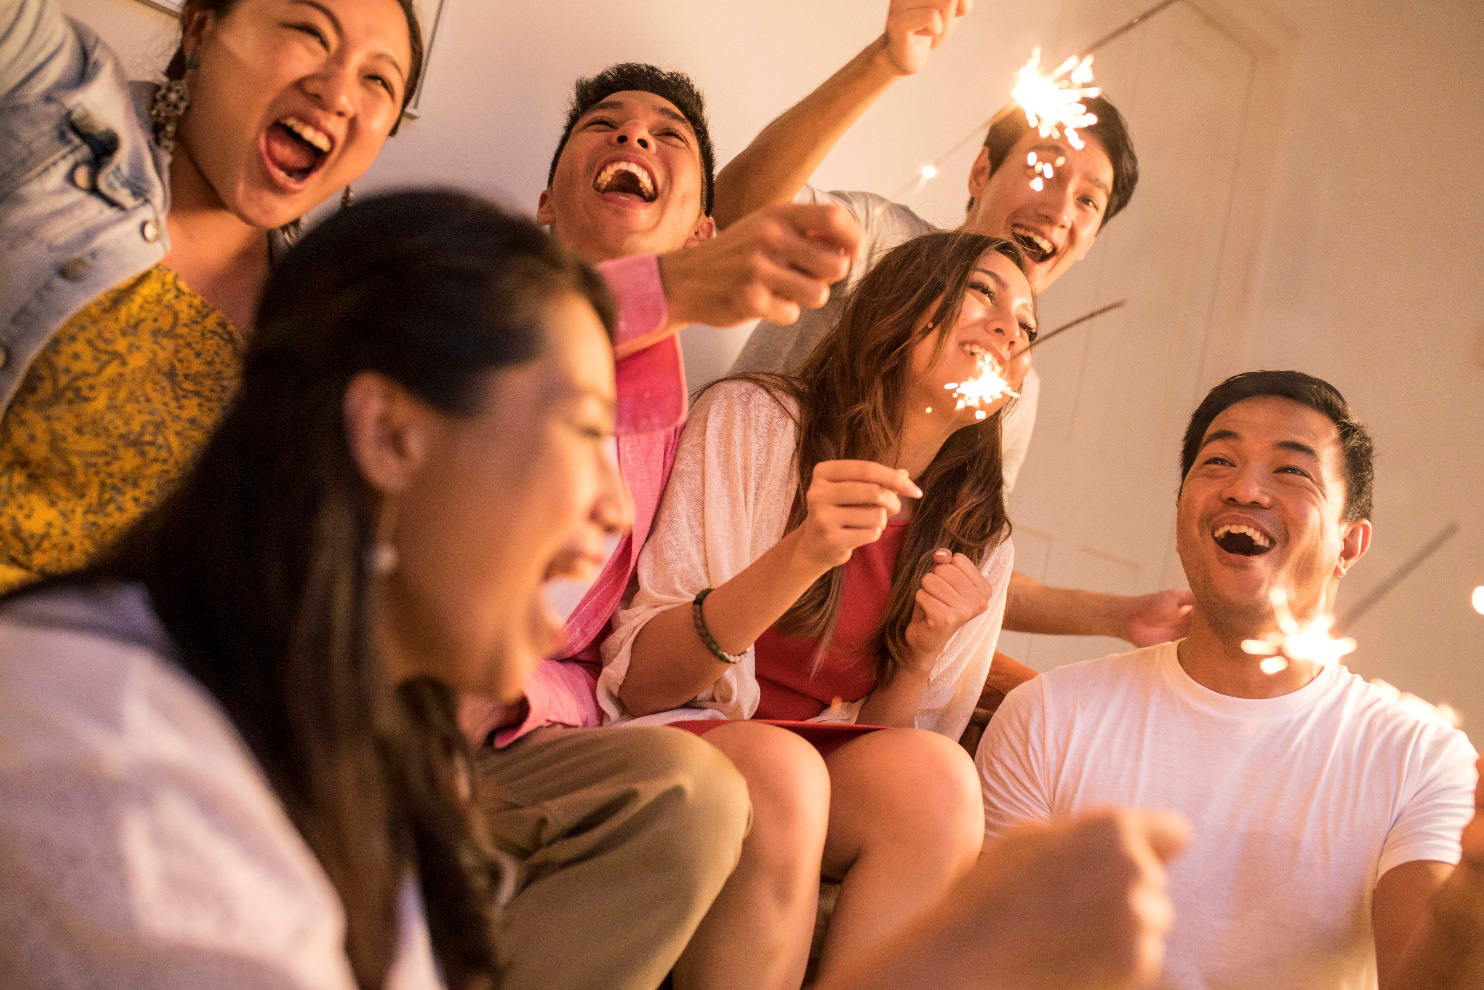 Giới trẻ làm gì để đánh dấu sự trưởng thành của mình? - Ảnh 1.